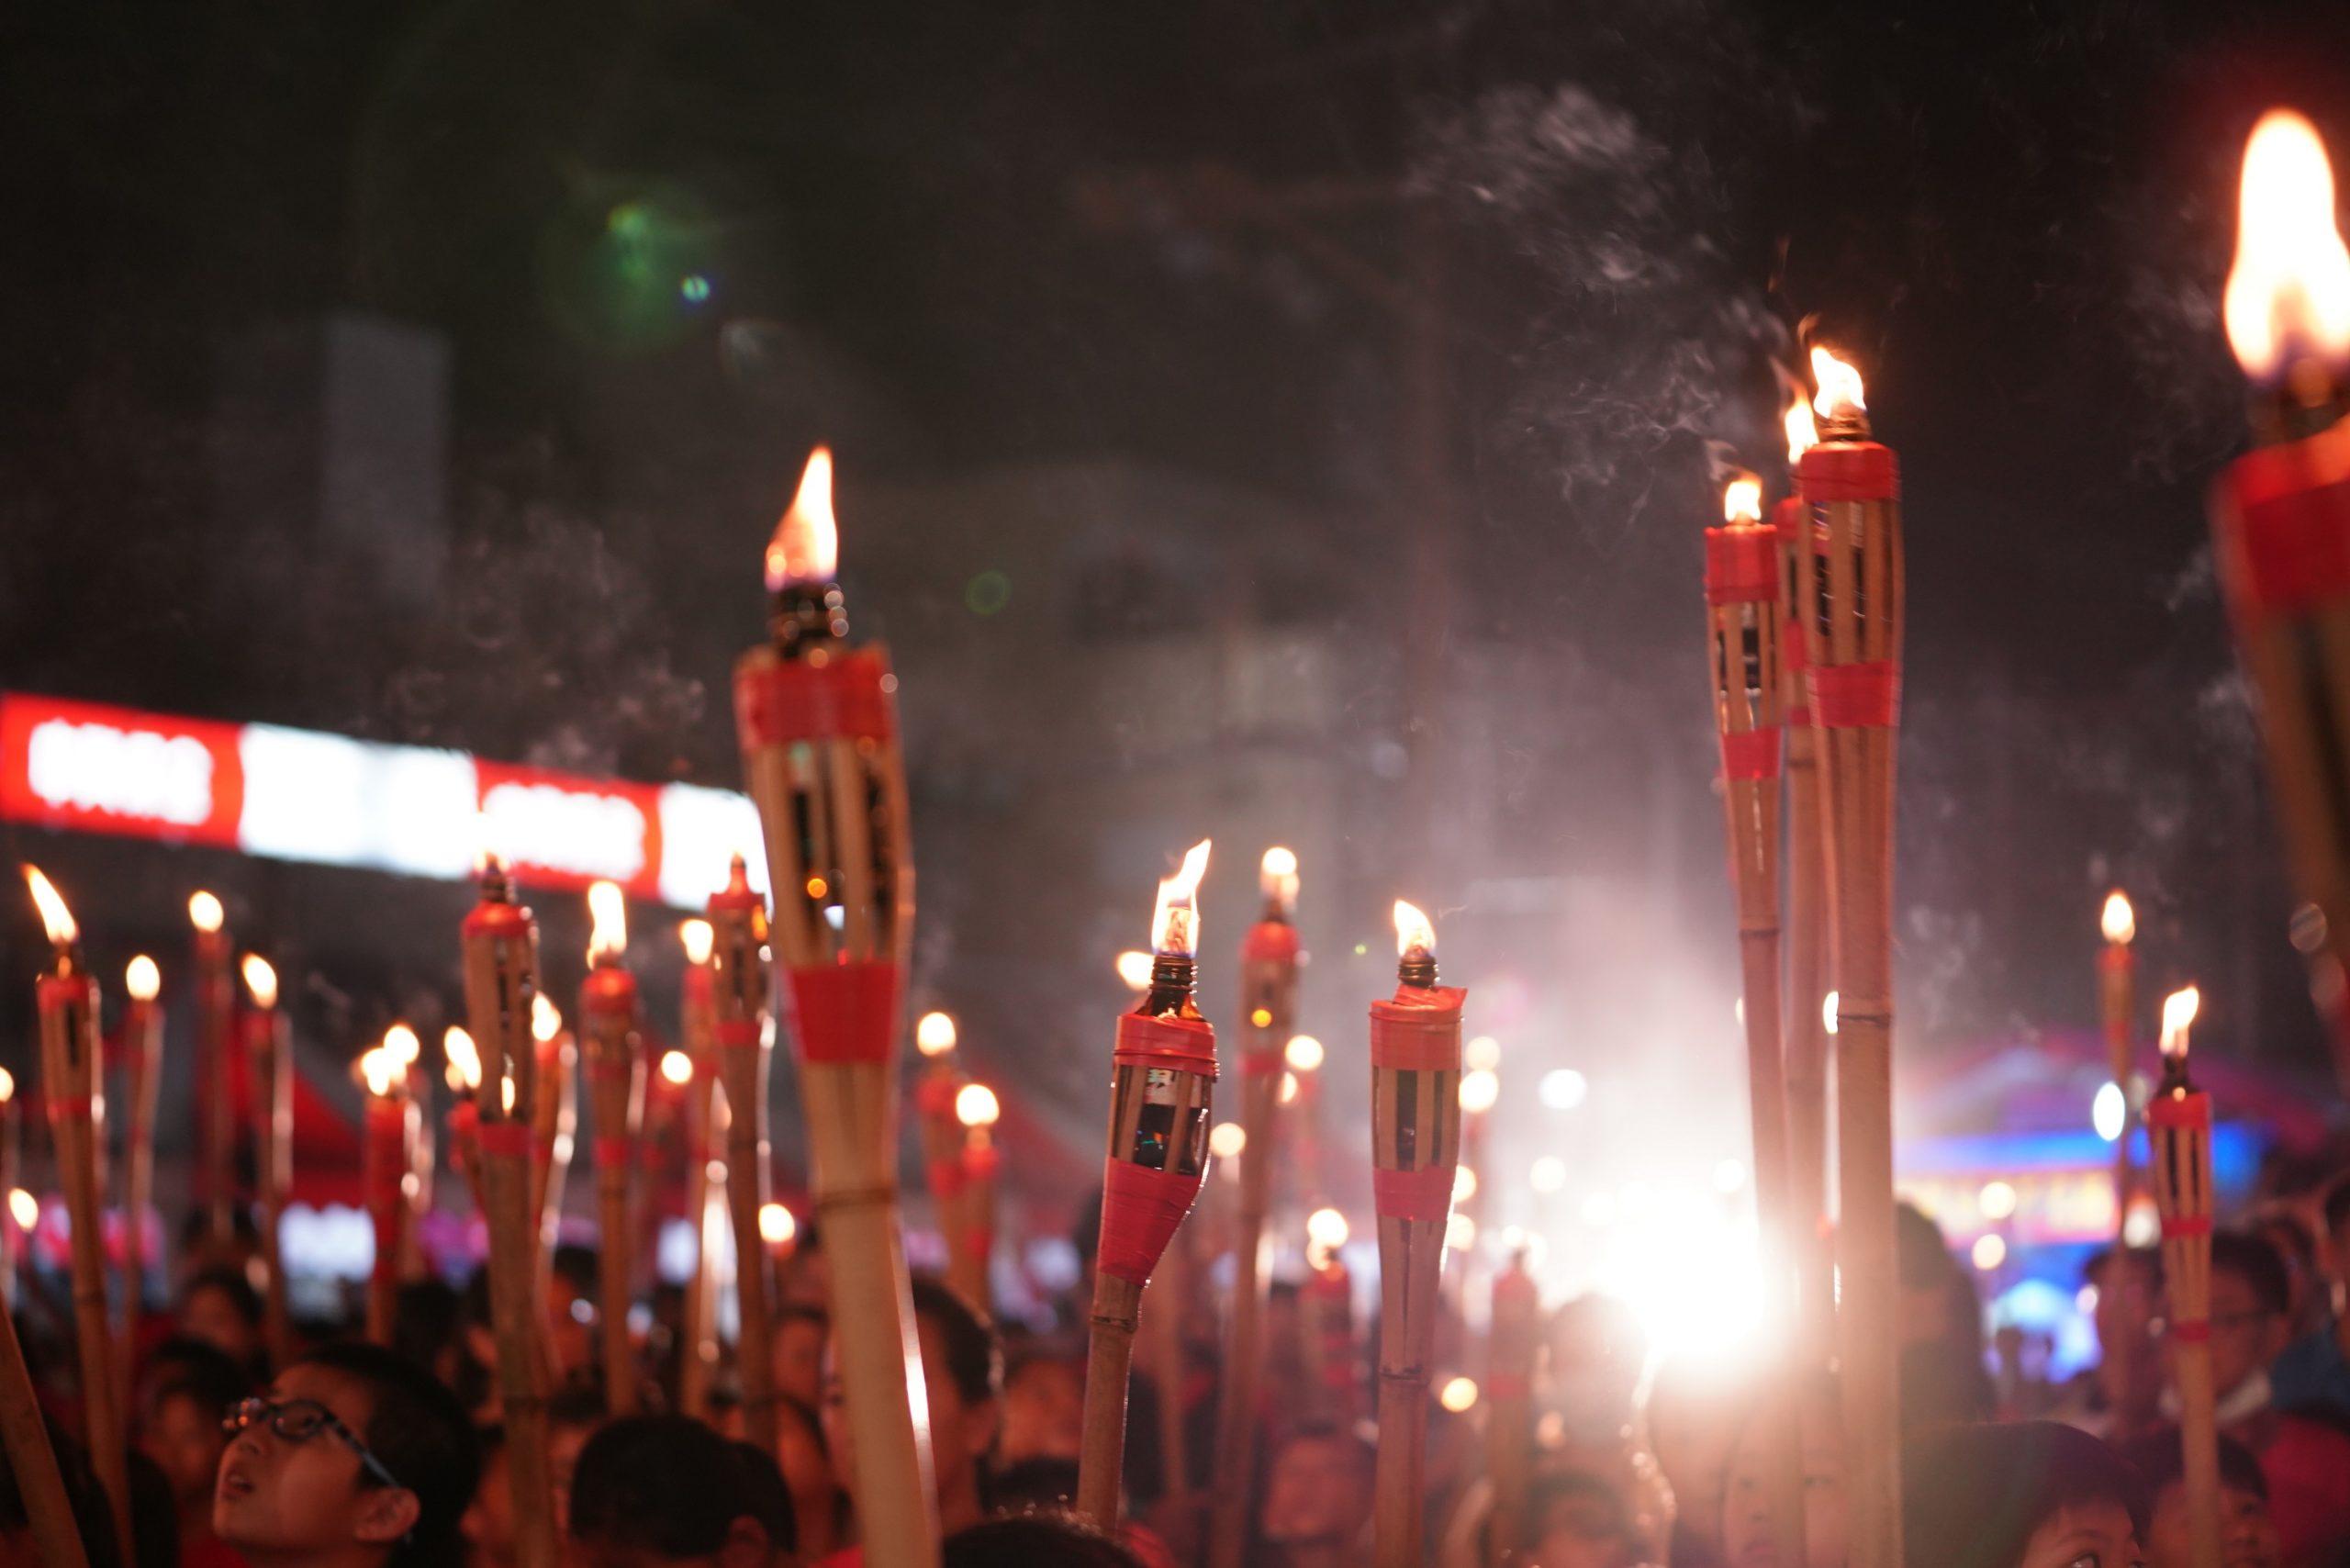 雲林‧詔安客家文化節盛大開幕  三千人舉澹仔火 照亮秋分夜空